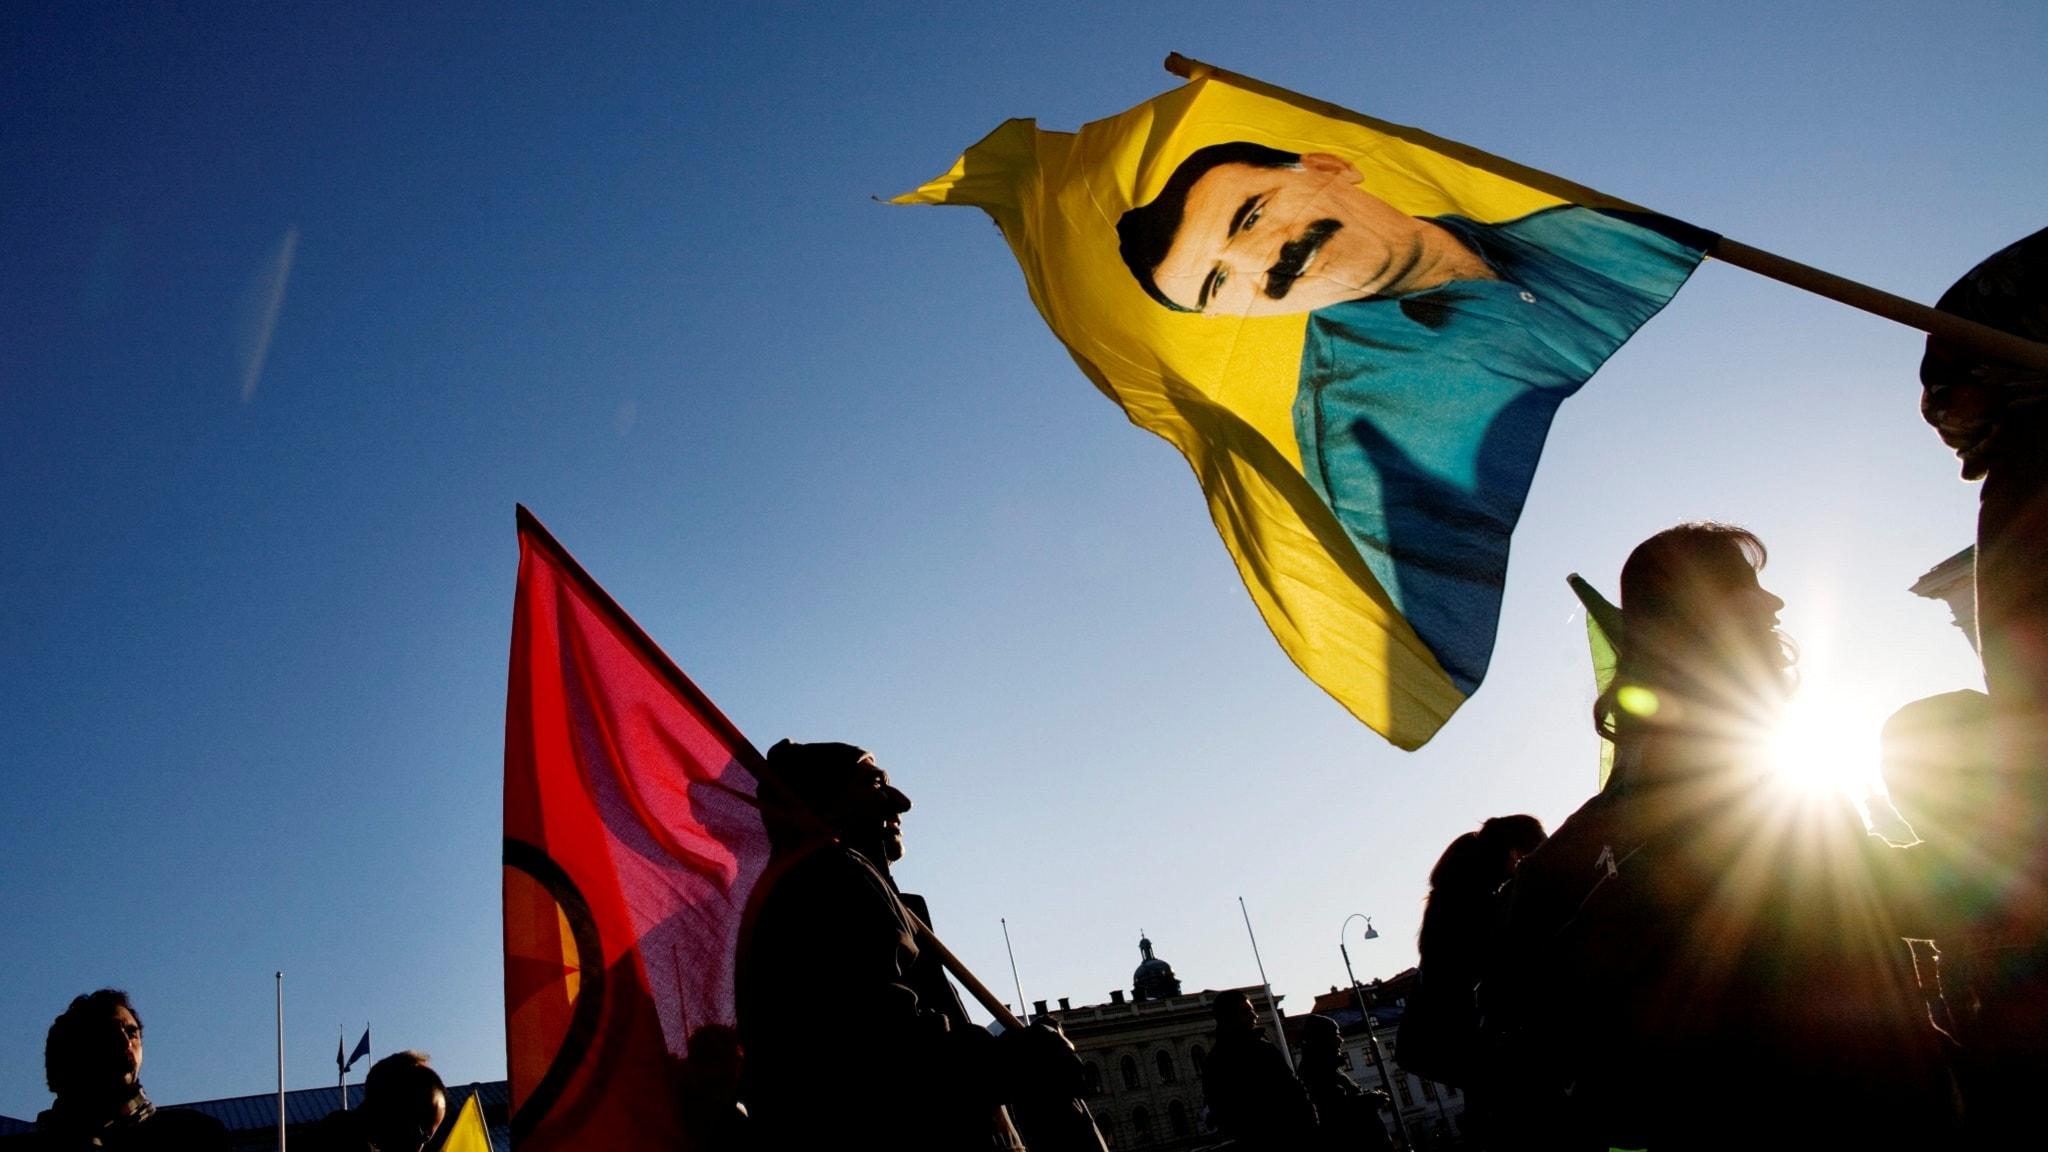 Öcalan, kurderna och kriget